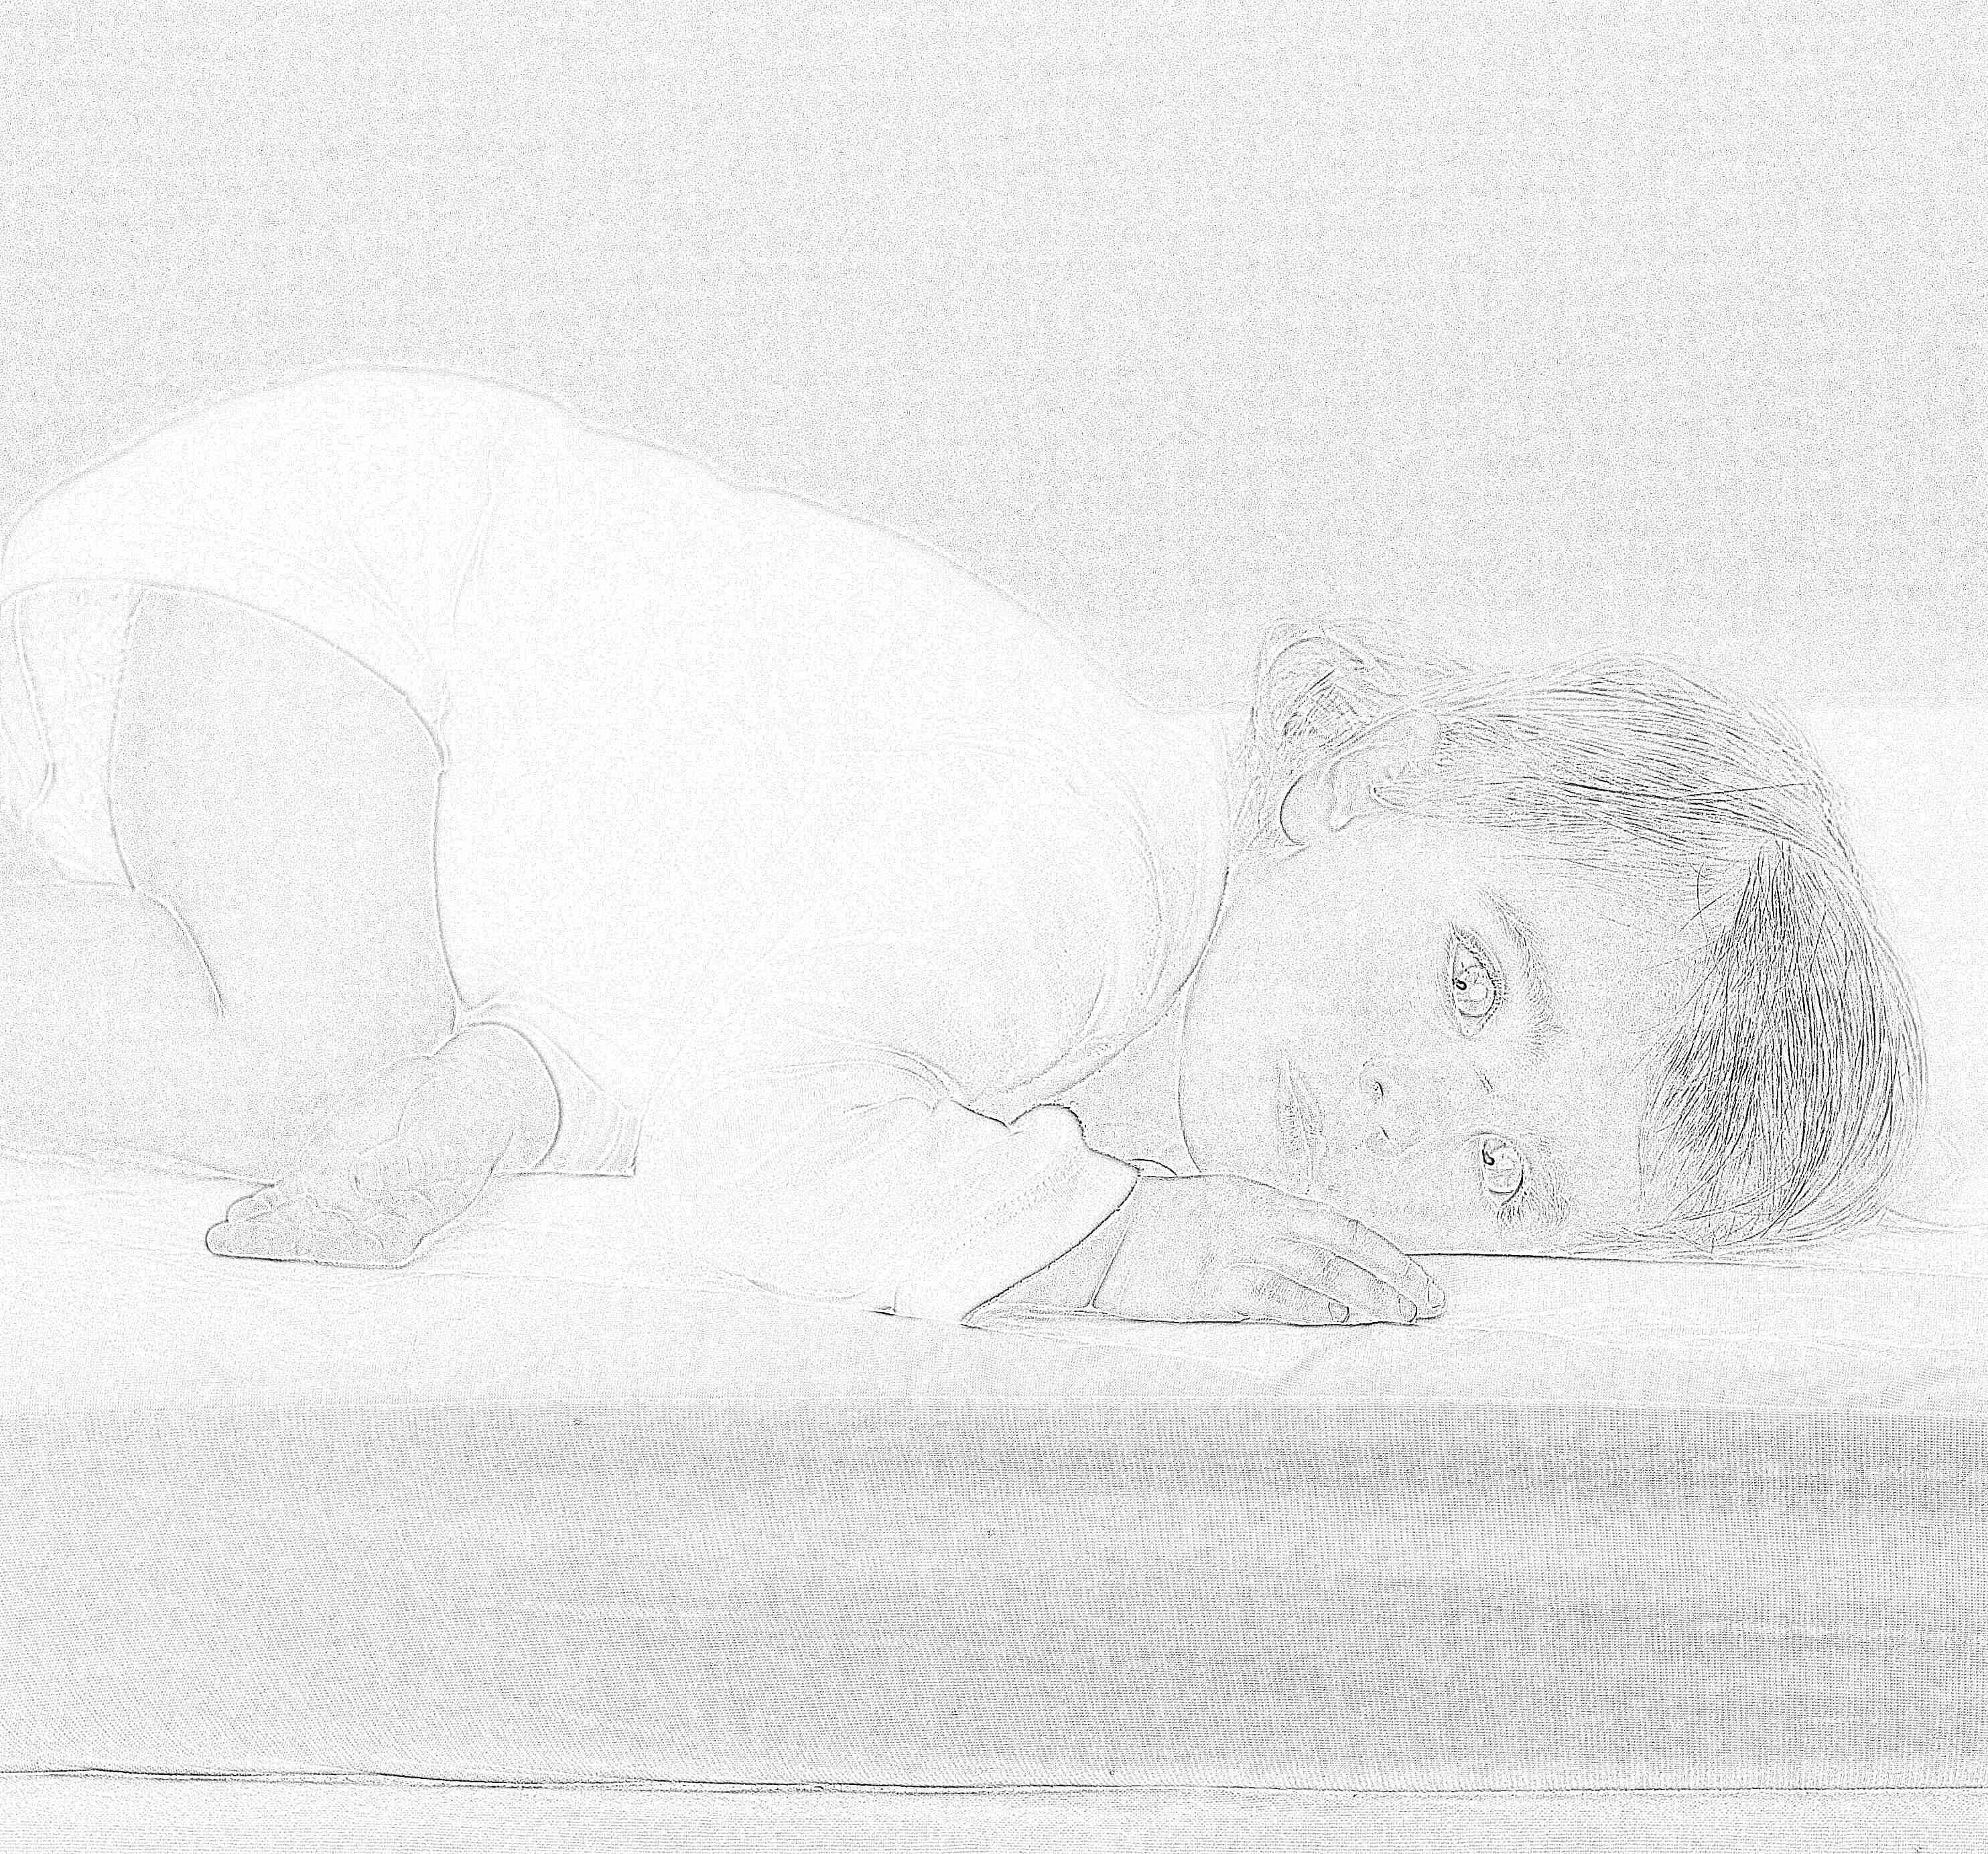 Цистит у ребенка: причины, симптомы и лечение